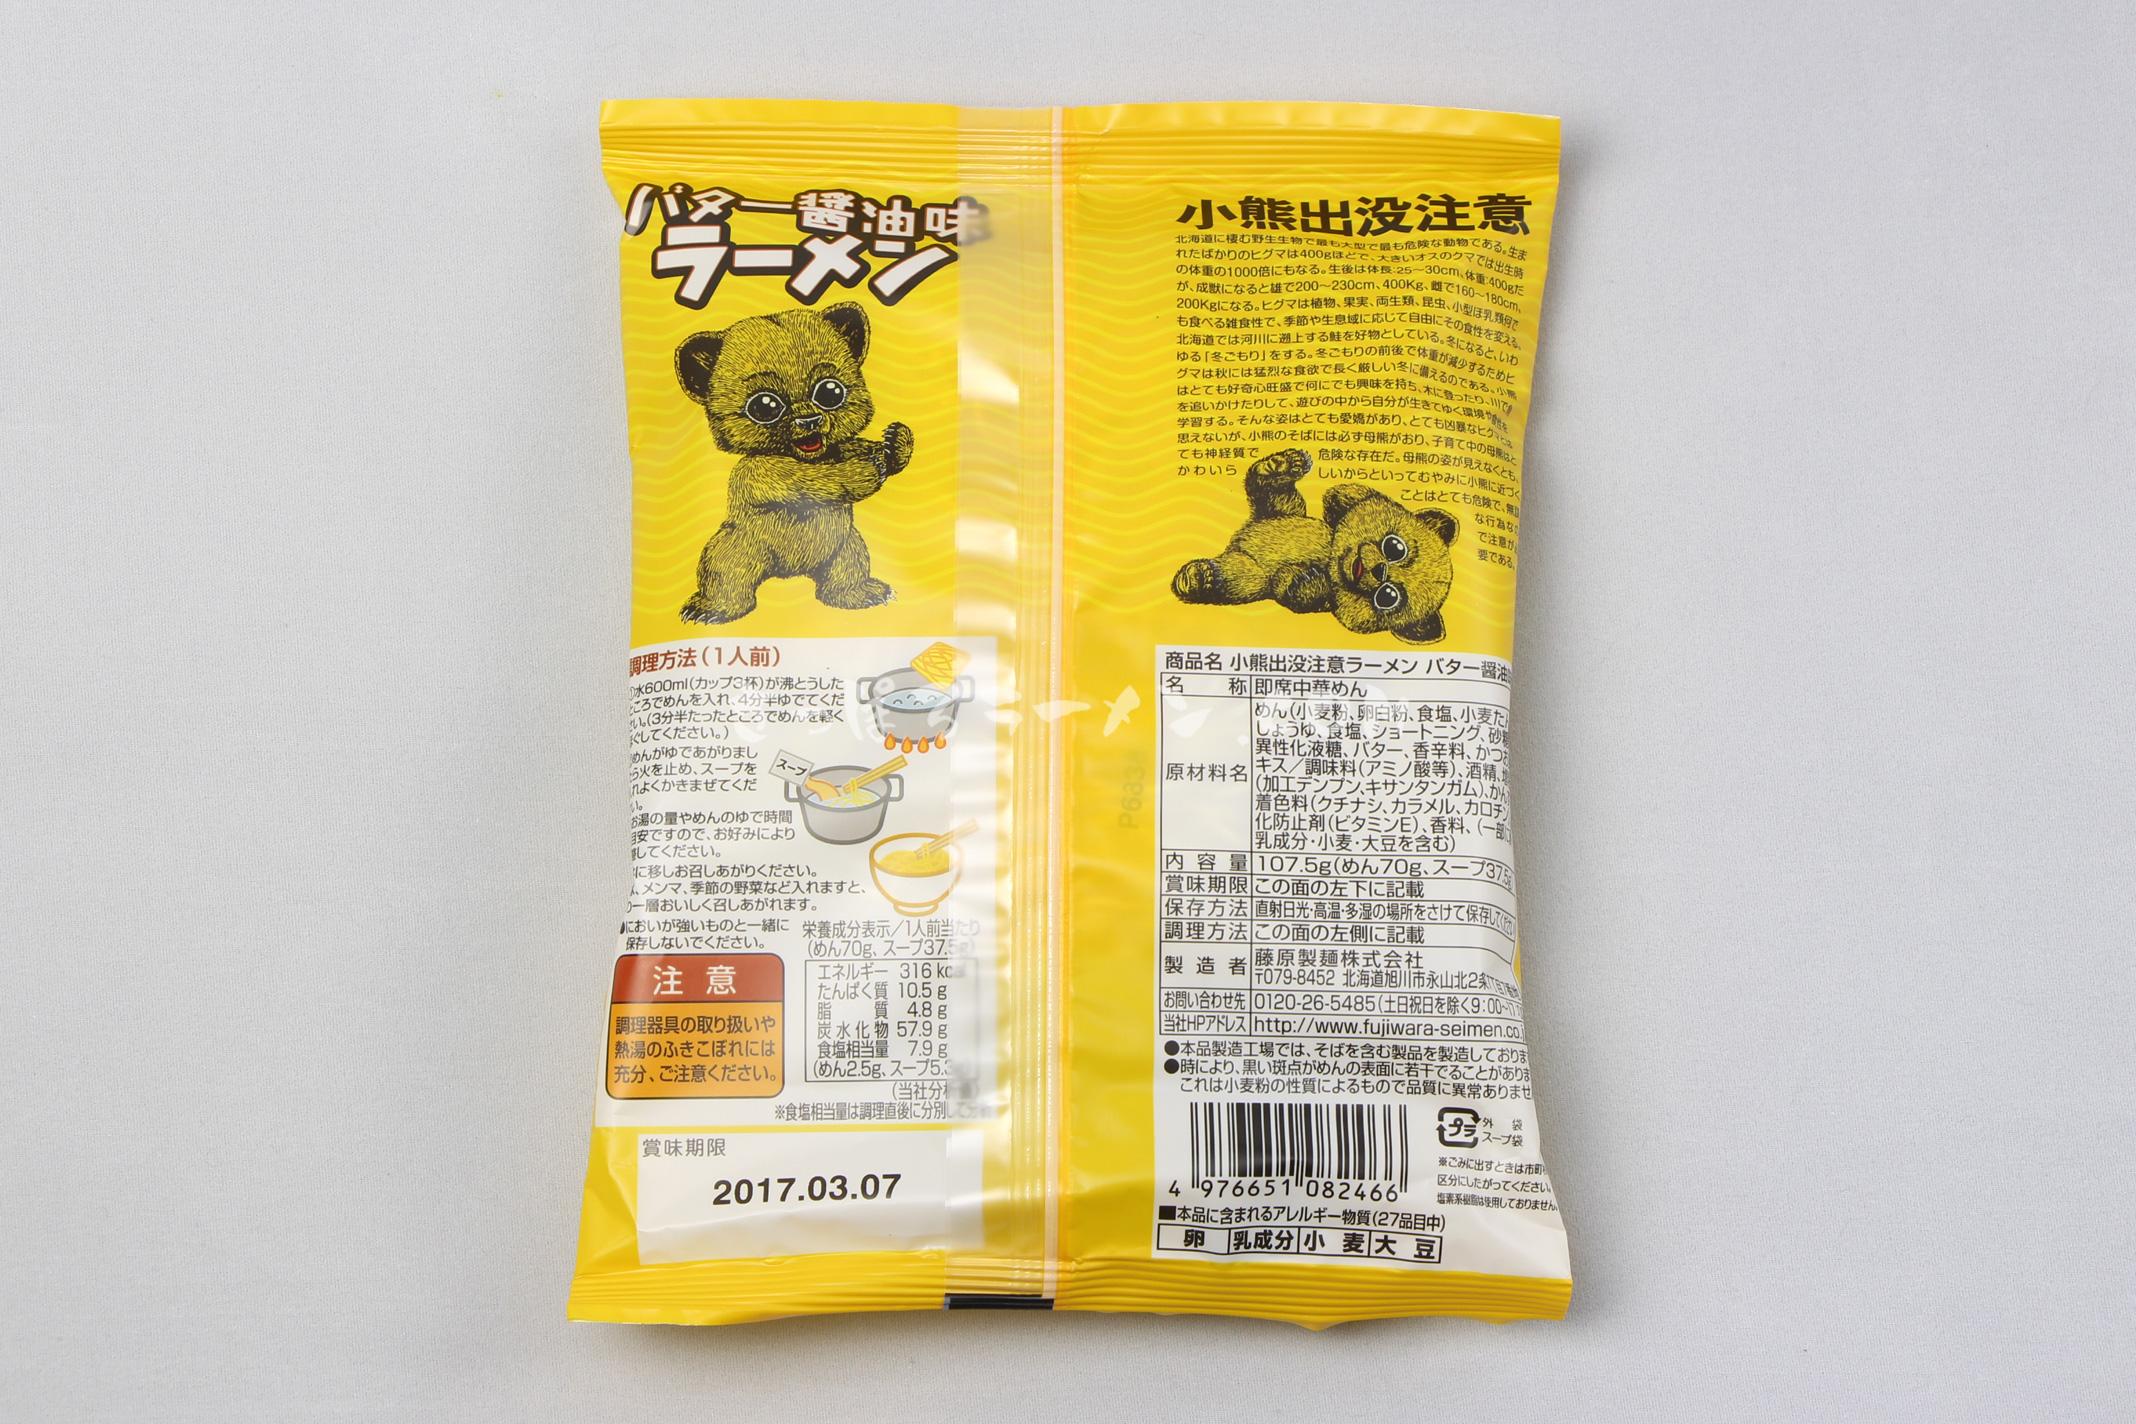 「小熊出没注意 バター醤油味ラーメン」(藤原製麺)のパッケージ(裏)